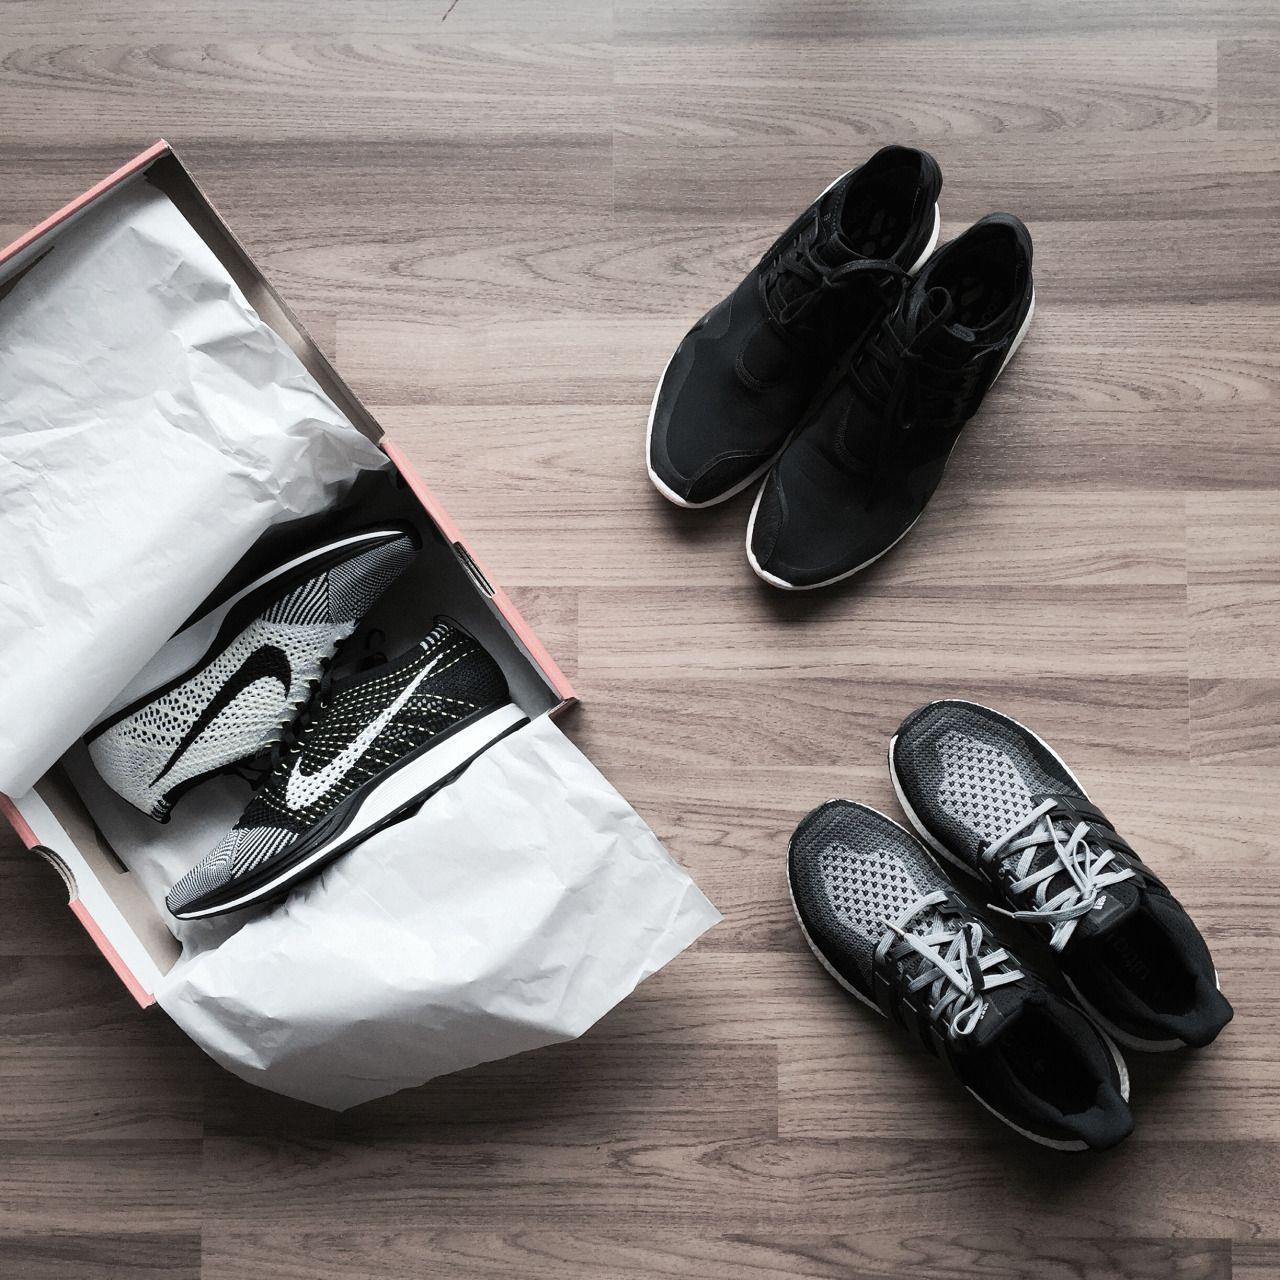 adidas hypebeast | Tumblr